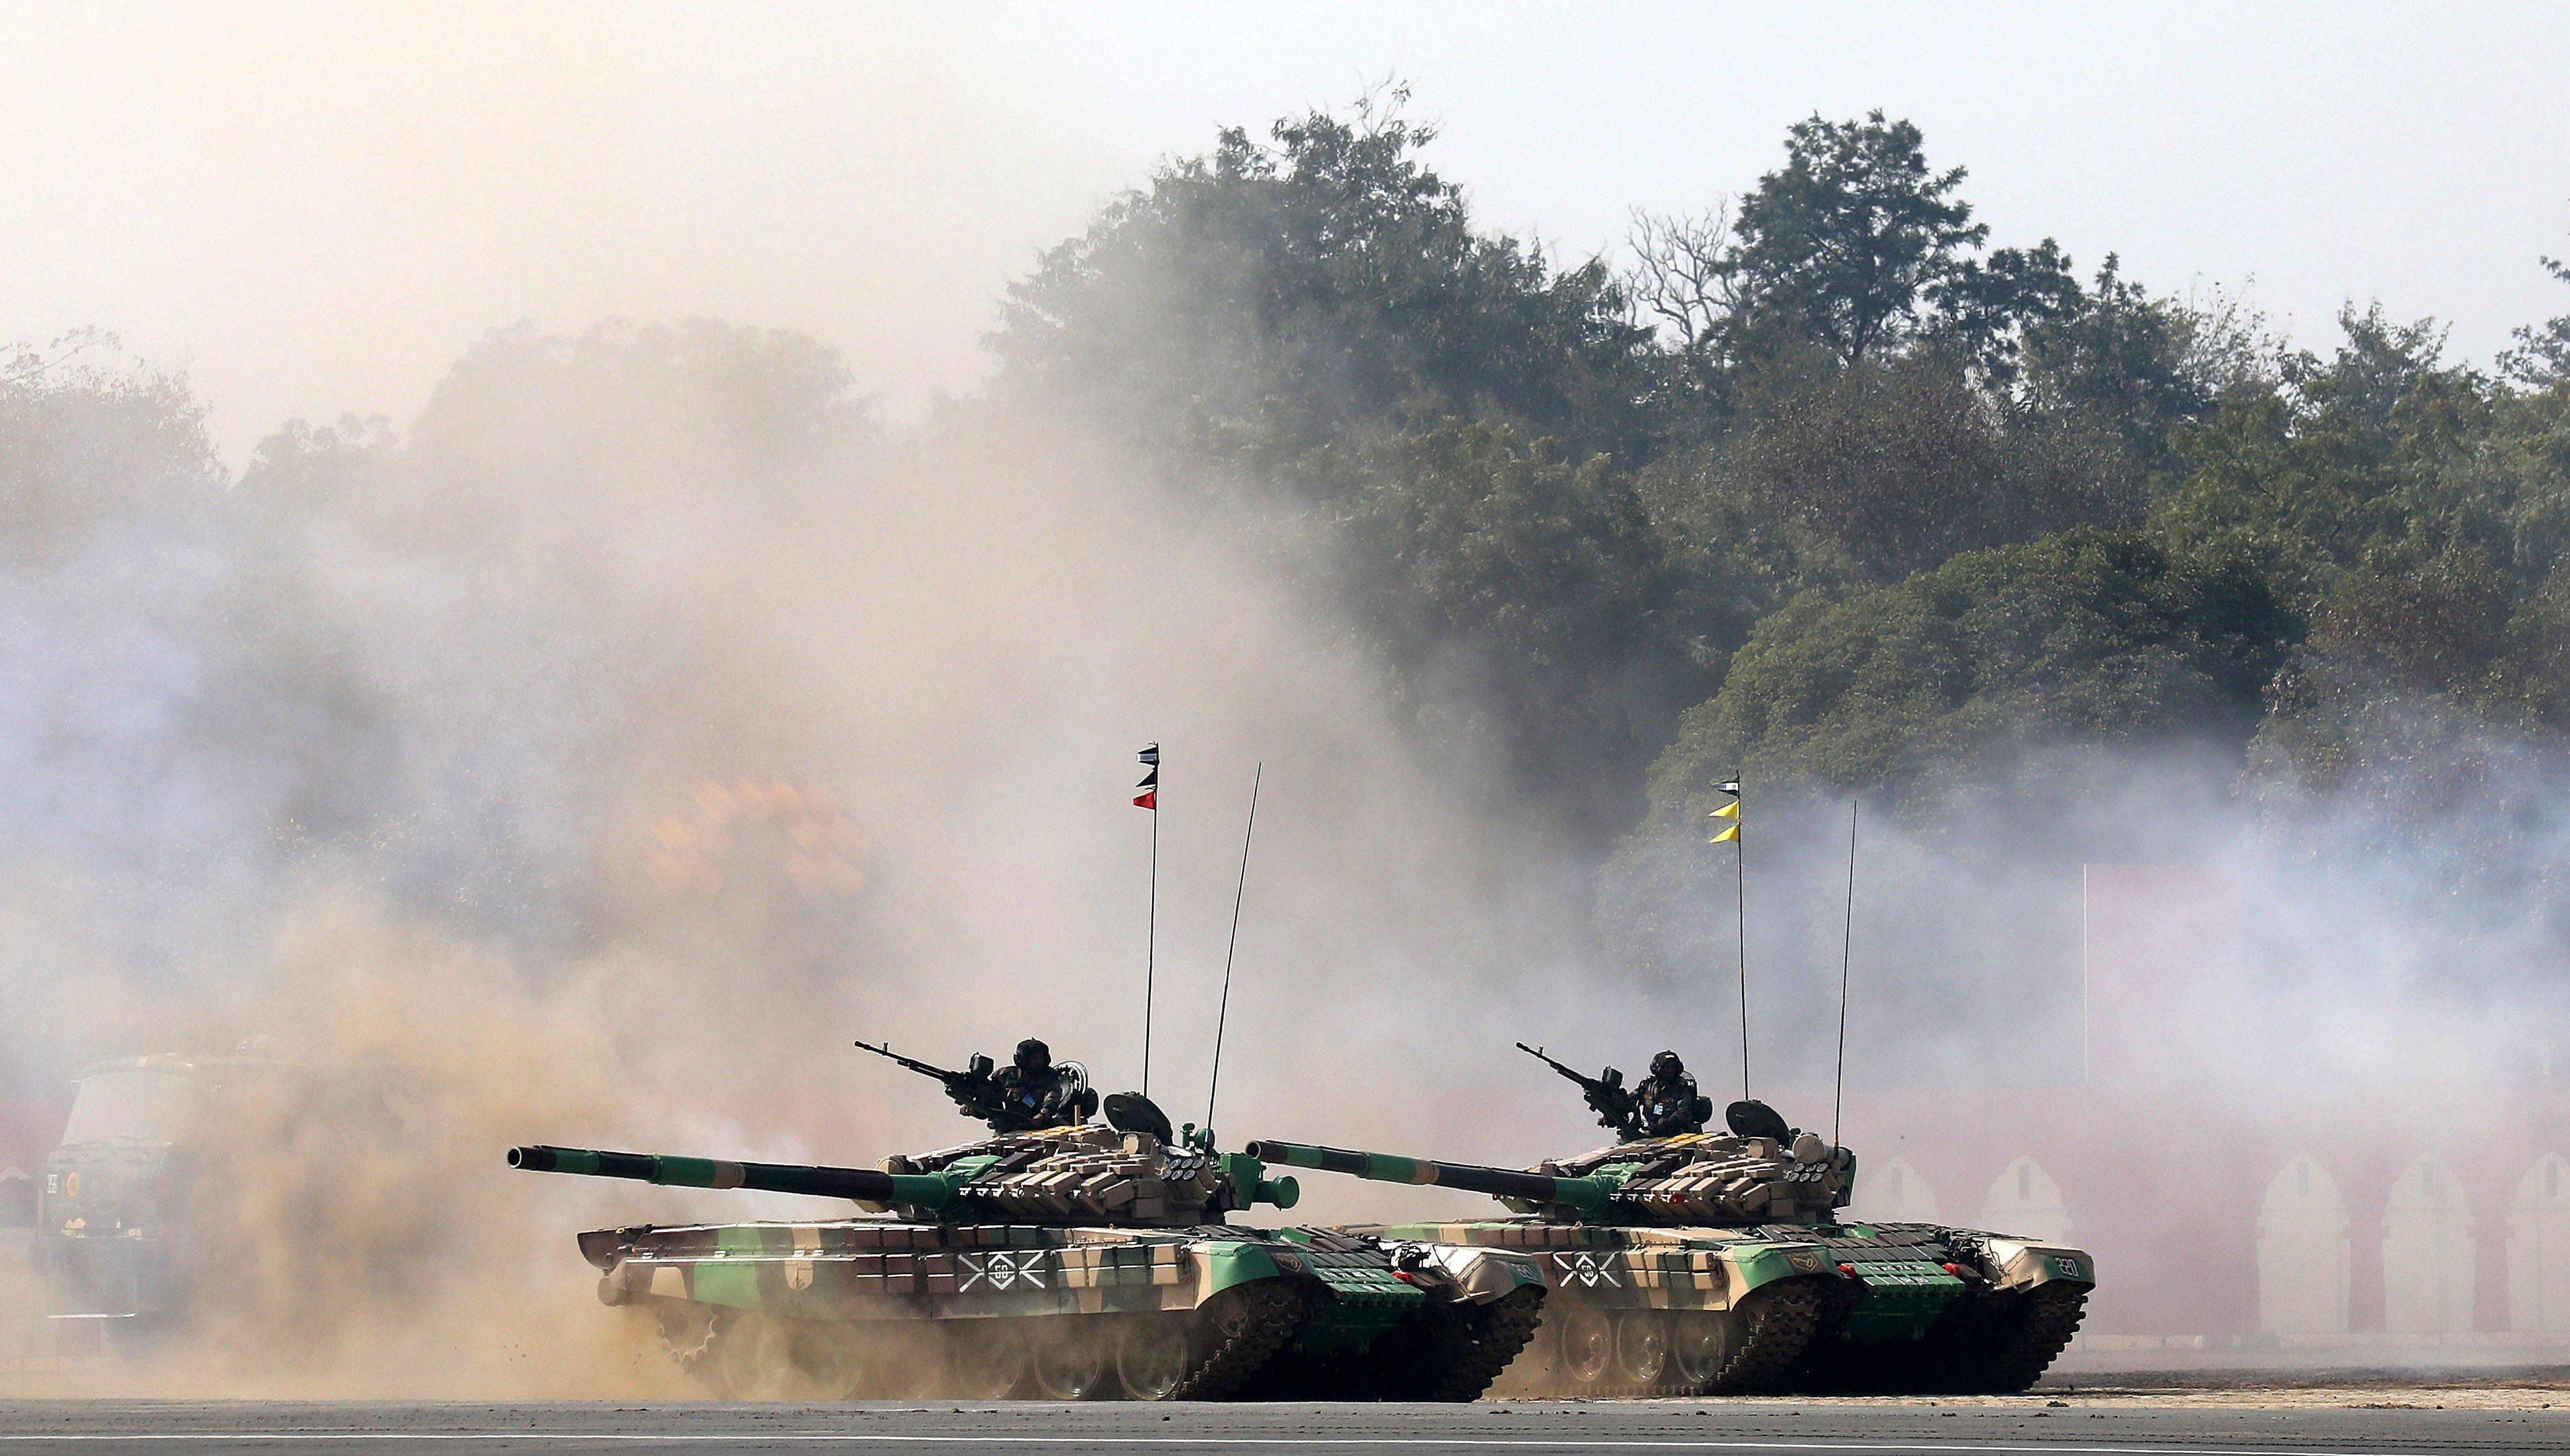 Soldats de l'Exèrcit indi realitzen una demostració amb tancs durant la celebració del Dia de l'Exèrcit d'Índia a Nova Delhi (Índia). /RAJAT GUPTA